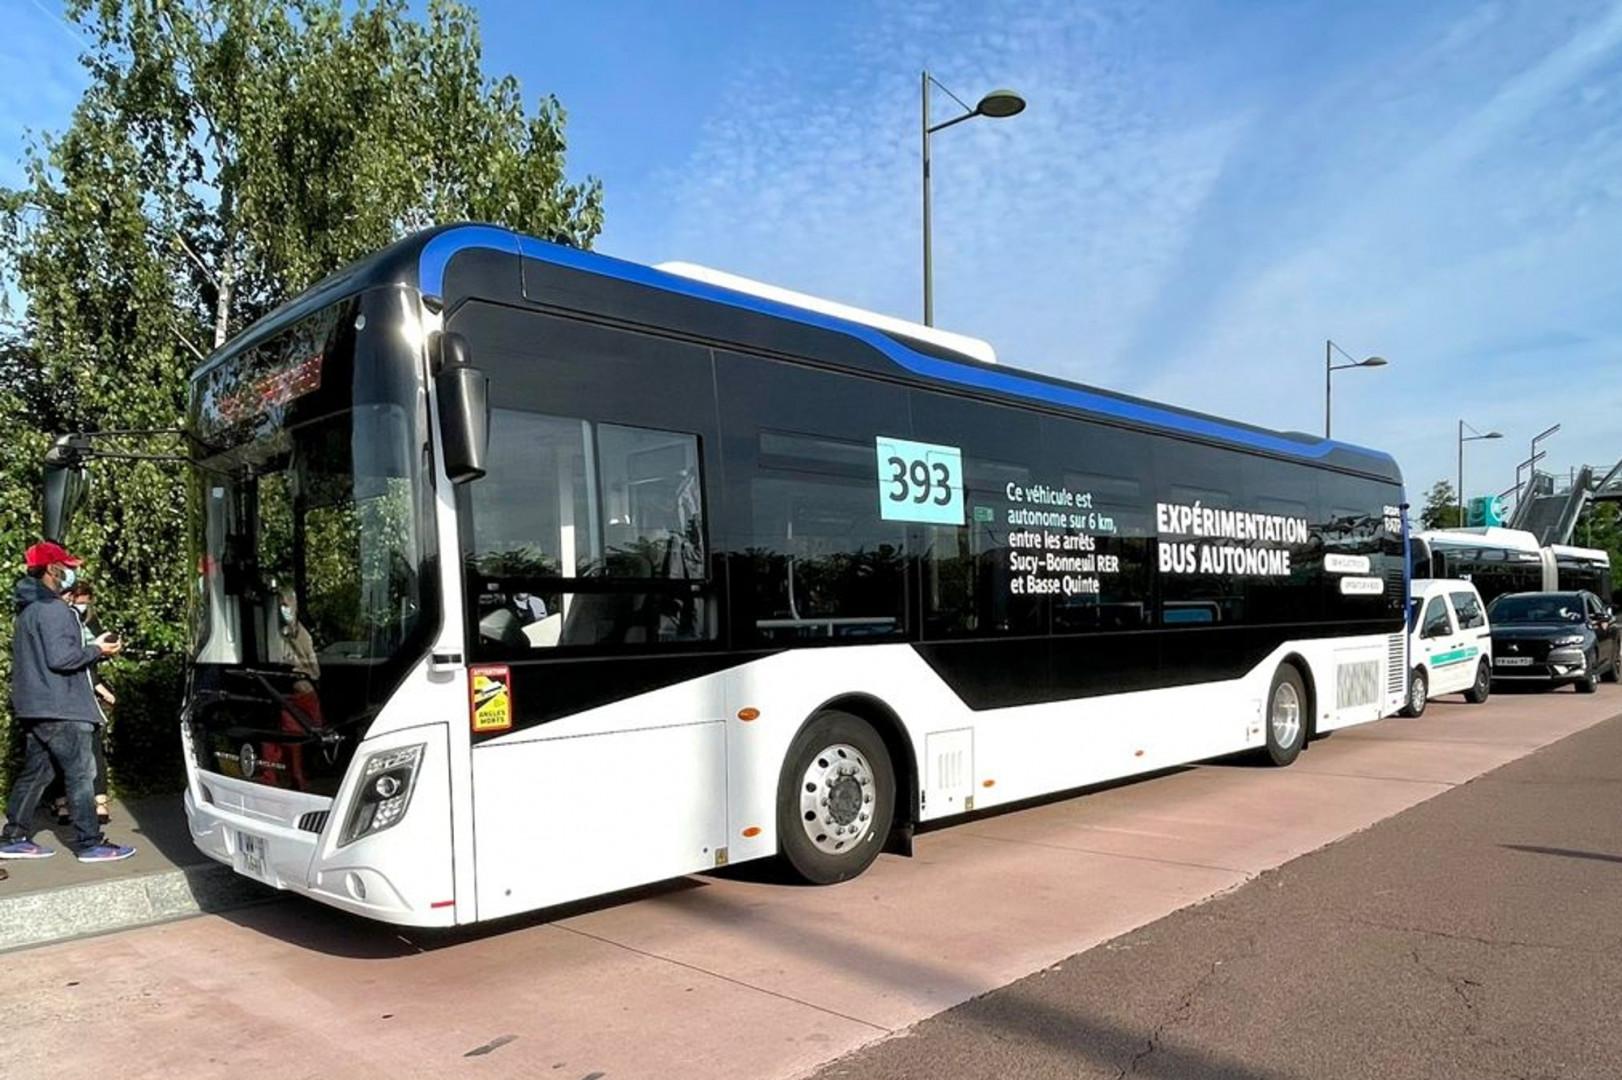 Le bus autonome testé par la RATP